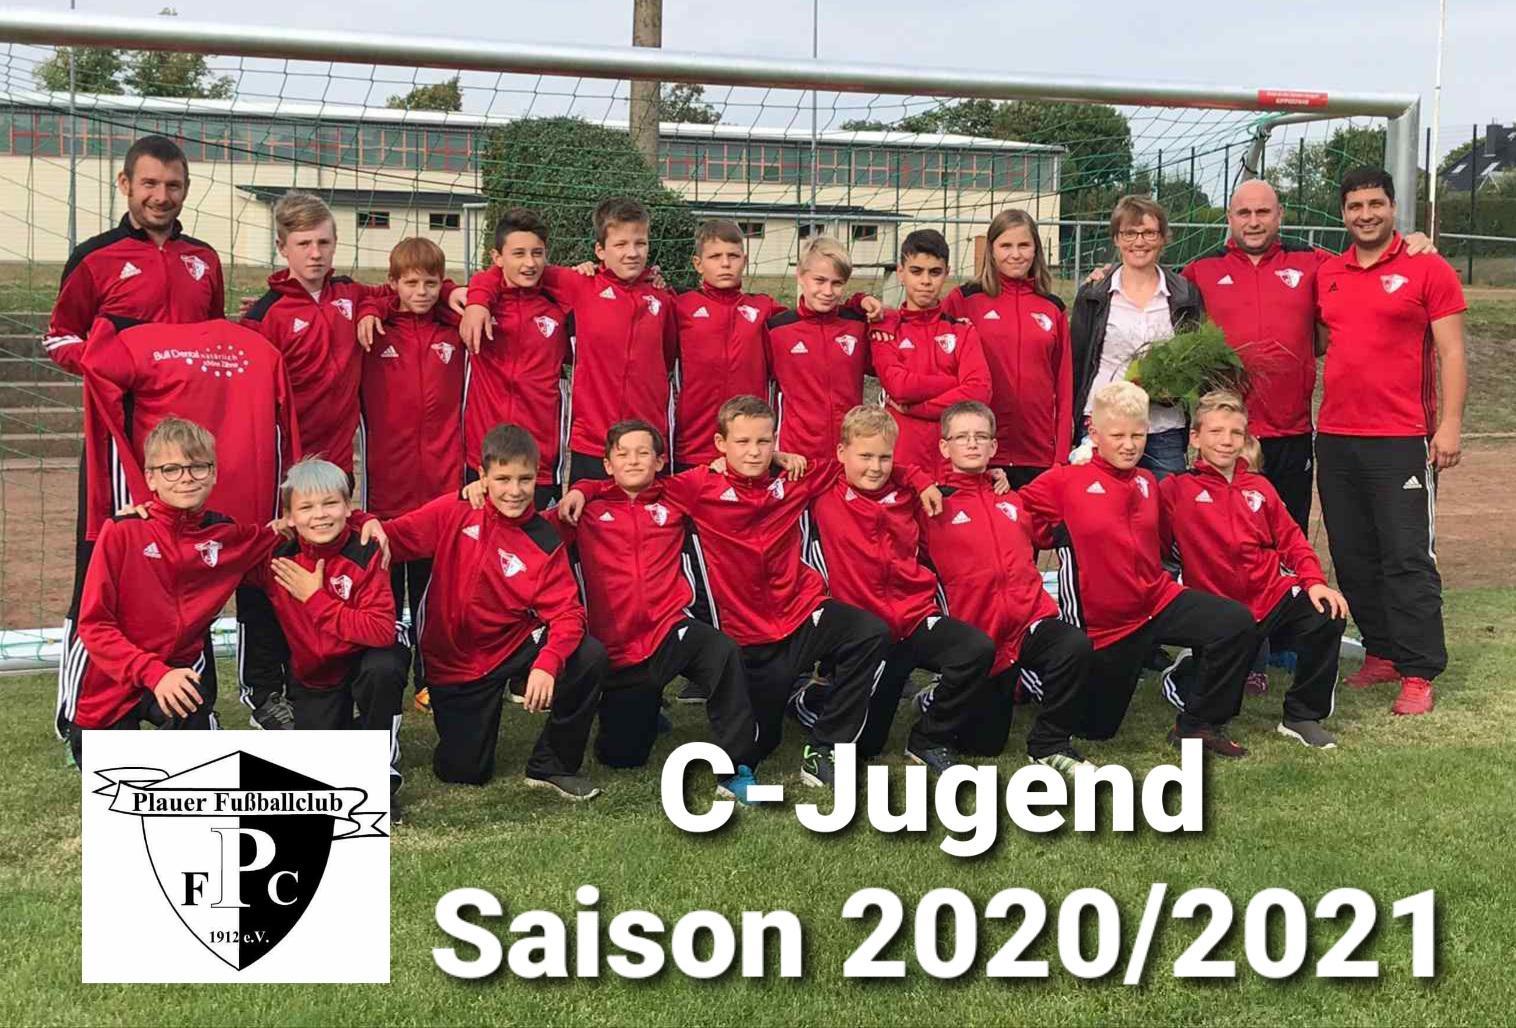 C-Jugend Saison 2020/2021